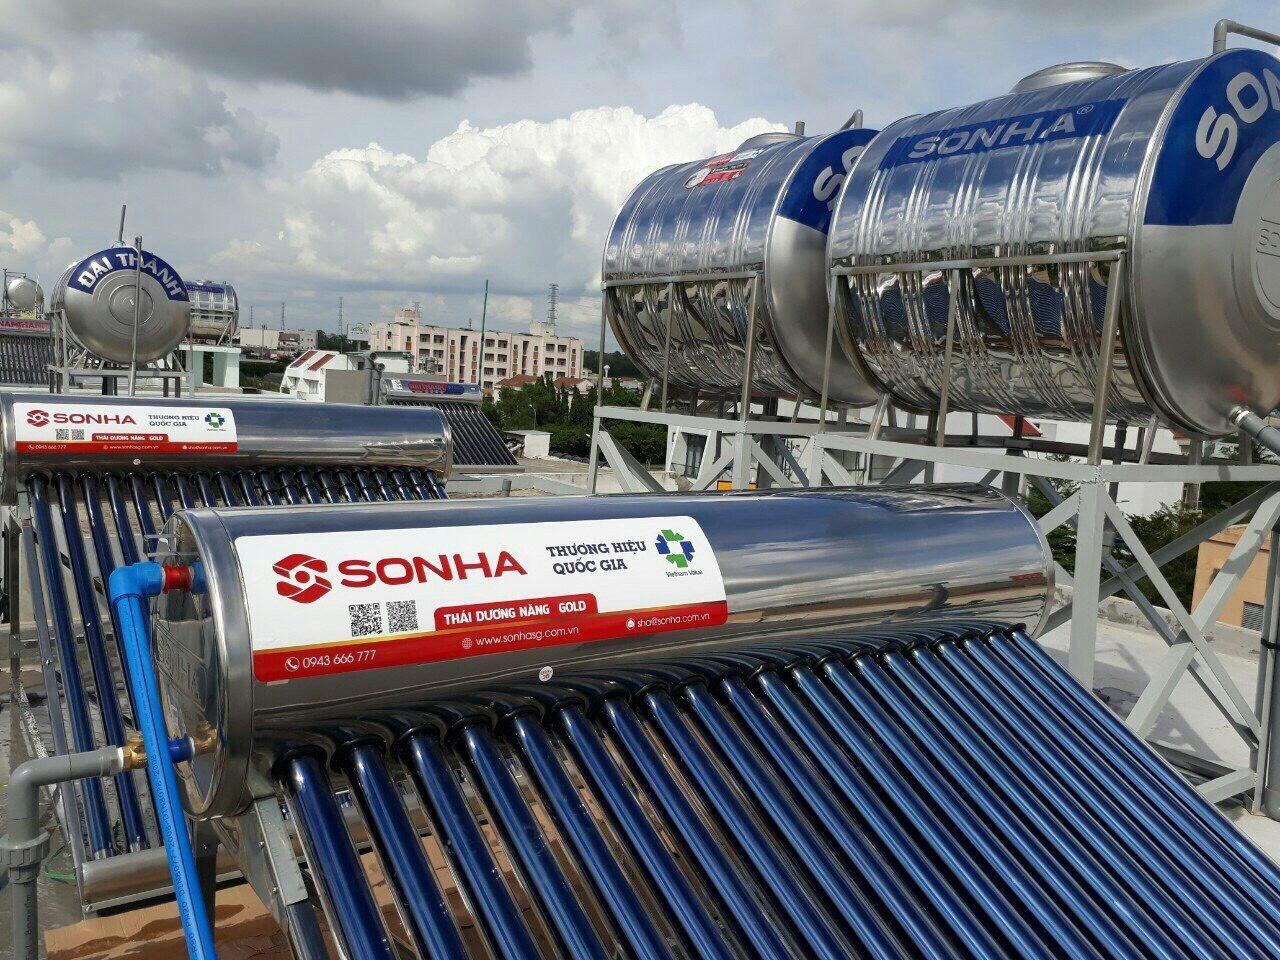 Hình ảnh máy nước nóng năng lượng mặt trời thái dương năng Sơn Hà.